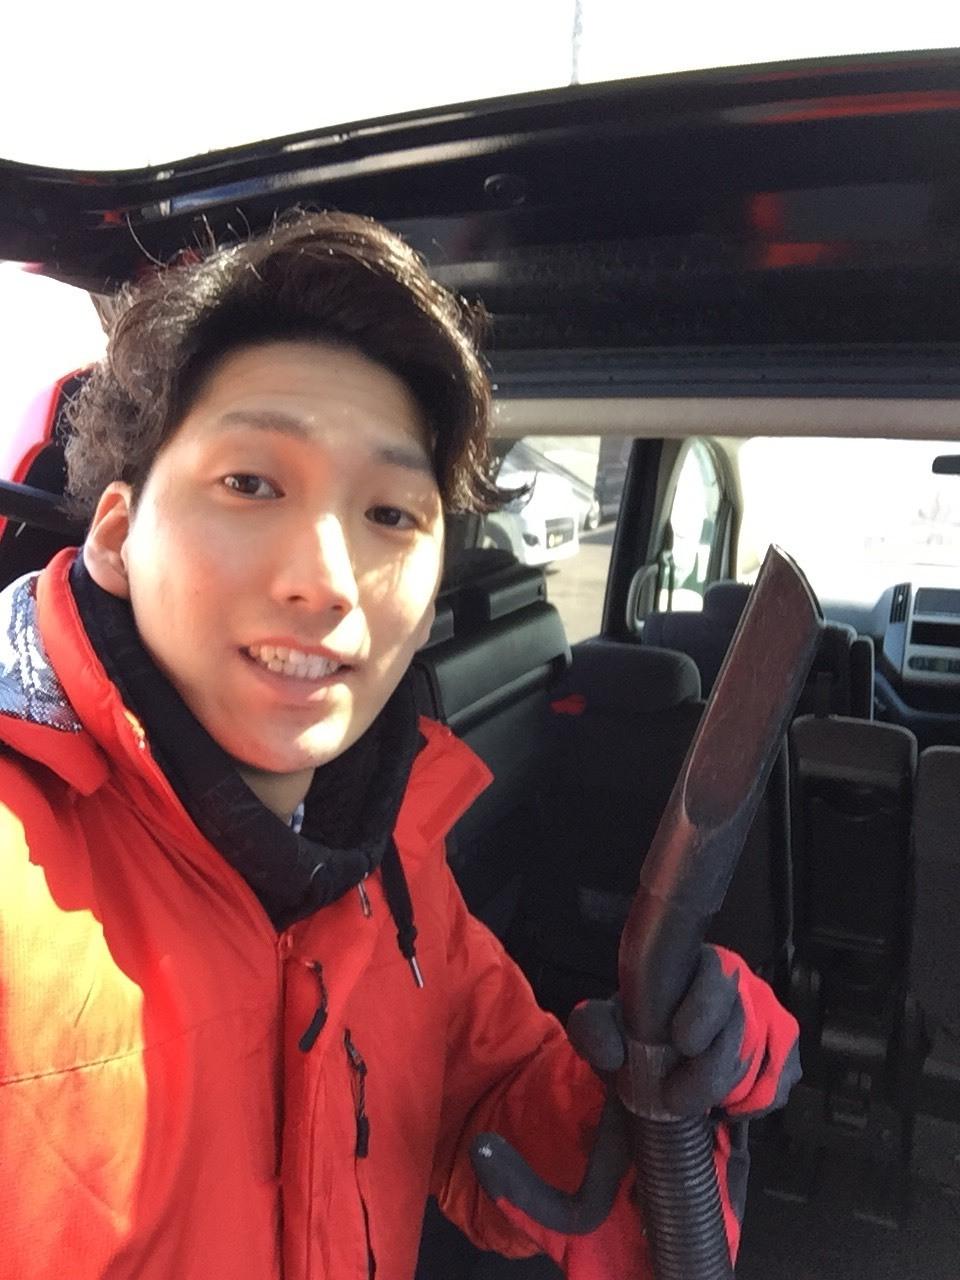 3月24日(土)☆TOMMYアウトレット☆あゆブログʕ→ᴥ←ʔ アクアM様納車☆スティングレーH様・シエンタI様・タントG様ご成約!!_b0127002_17505464.jpg